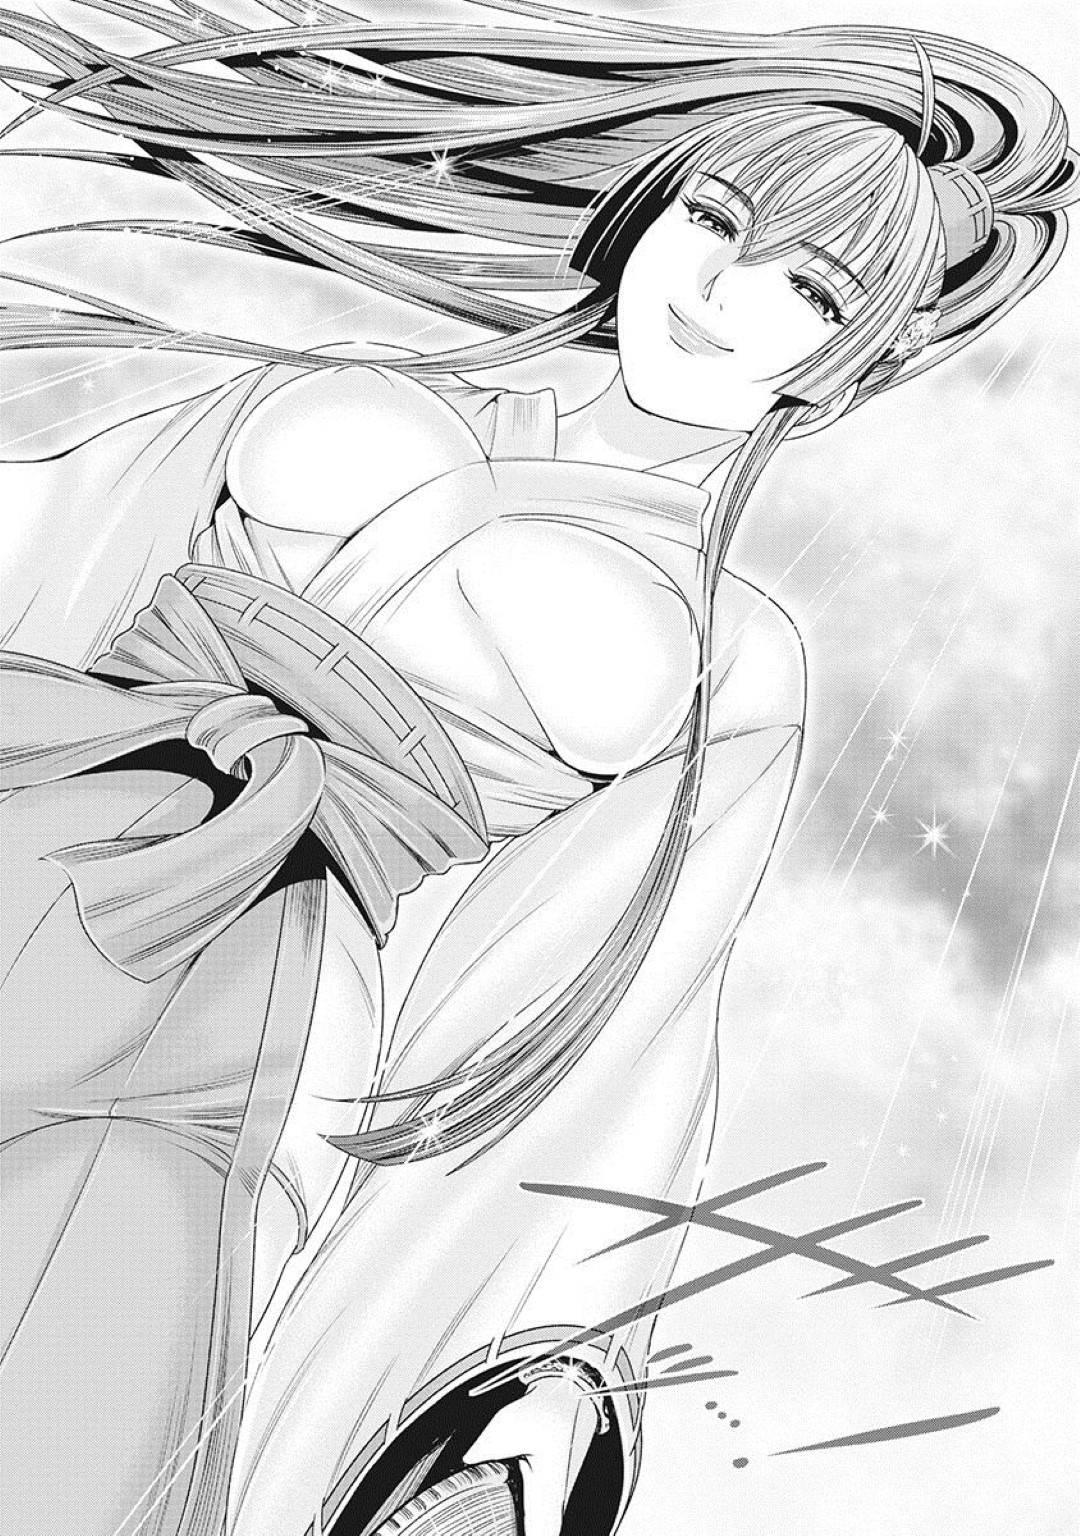 【エロ漫画】戦いが終わり、それぞれの道へと歩みだした歩き巫女達。九尾も同様、武田流の術を極めて歩き巫女として旅へと出るのだった。